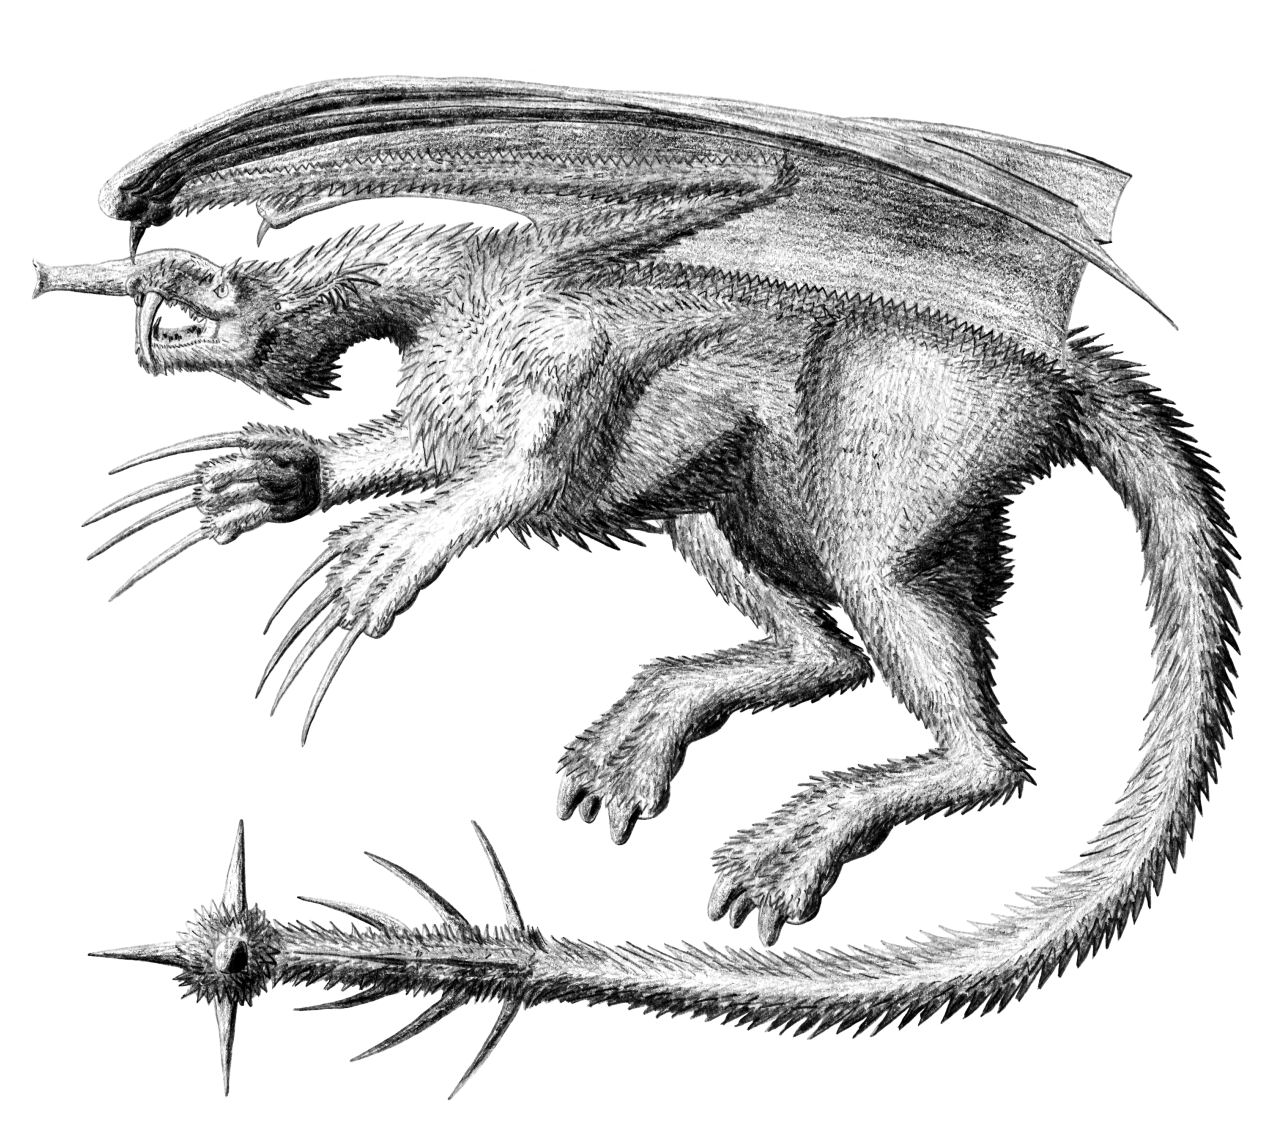 Mammalian dragon concept